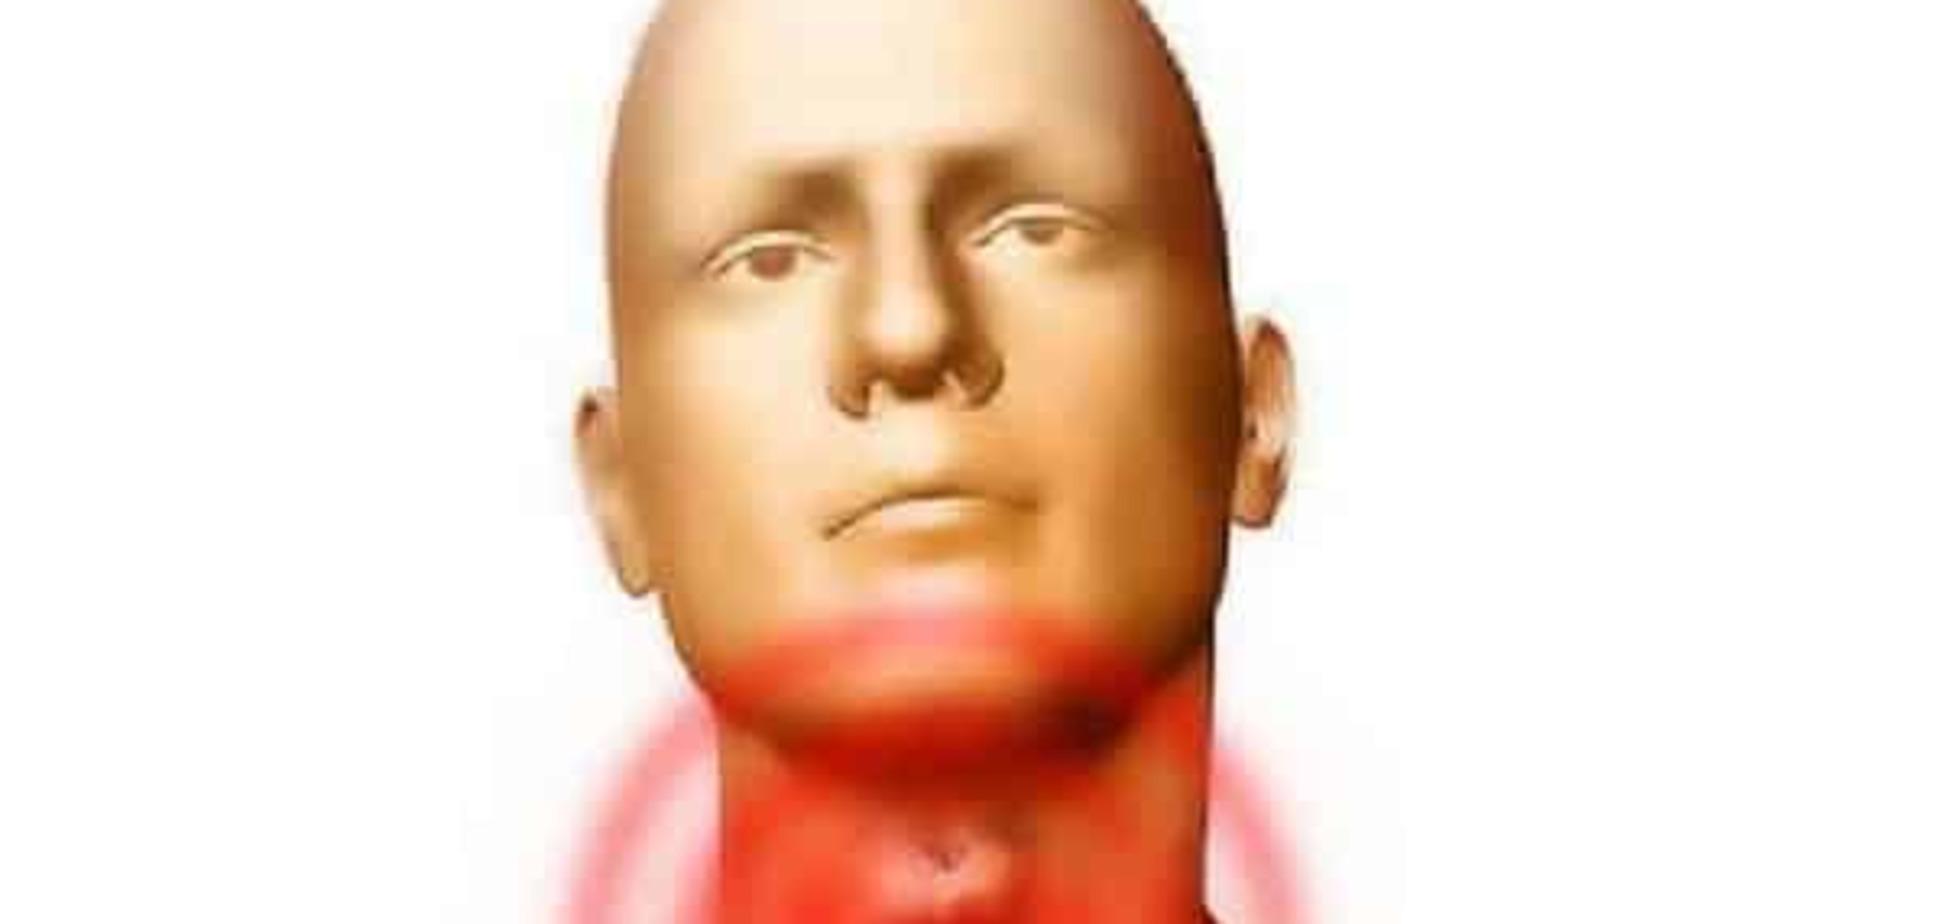 Как избавиться от кома в горле: лучшие советы от медиков